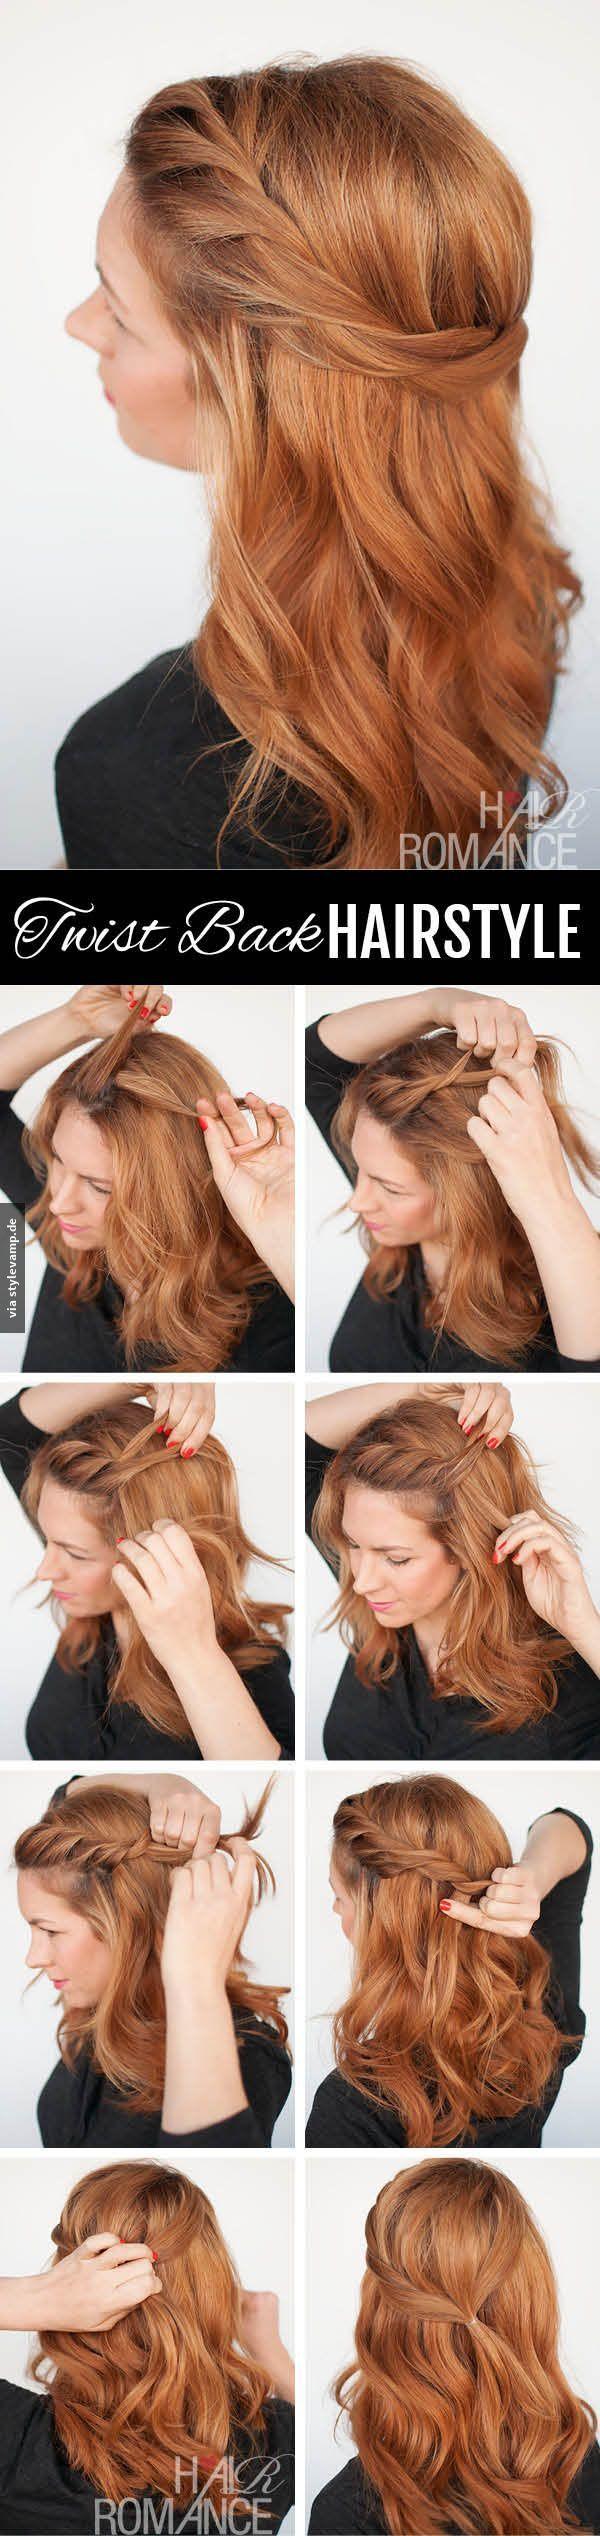 Viel einfacher als flechten hairstyling pinterest hair style